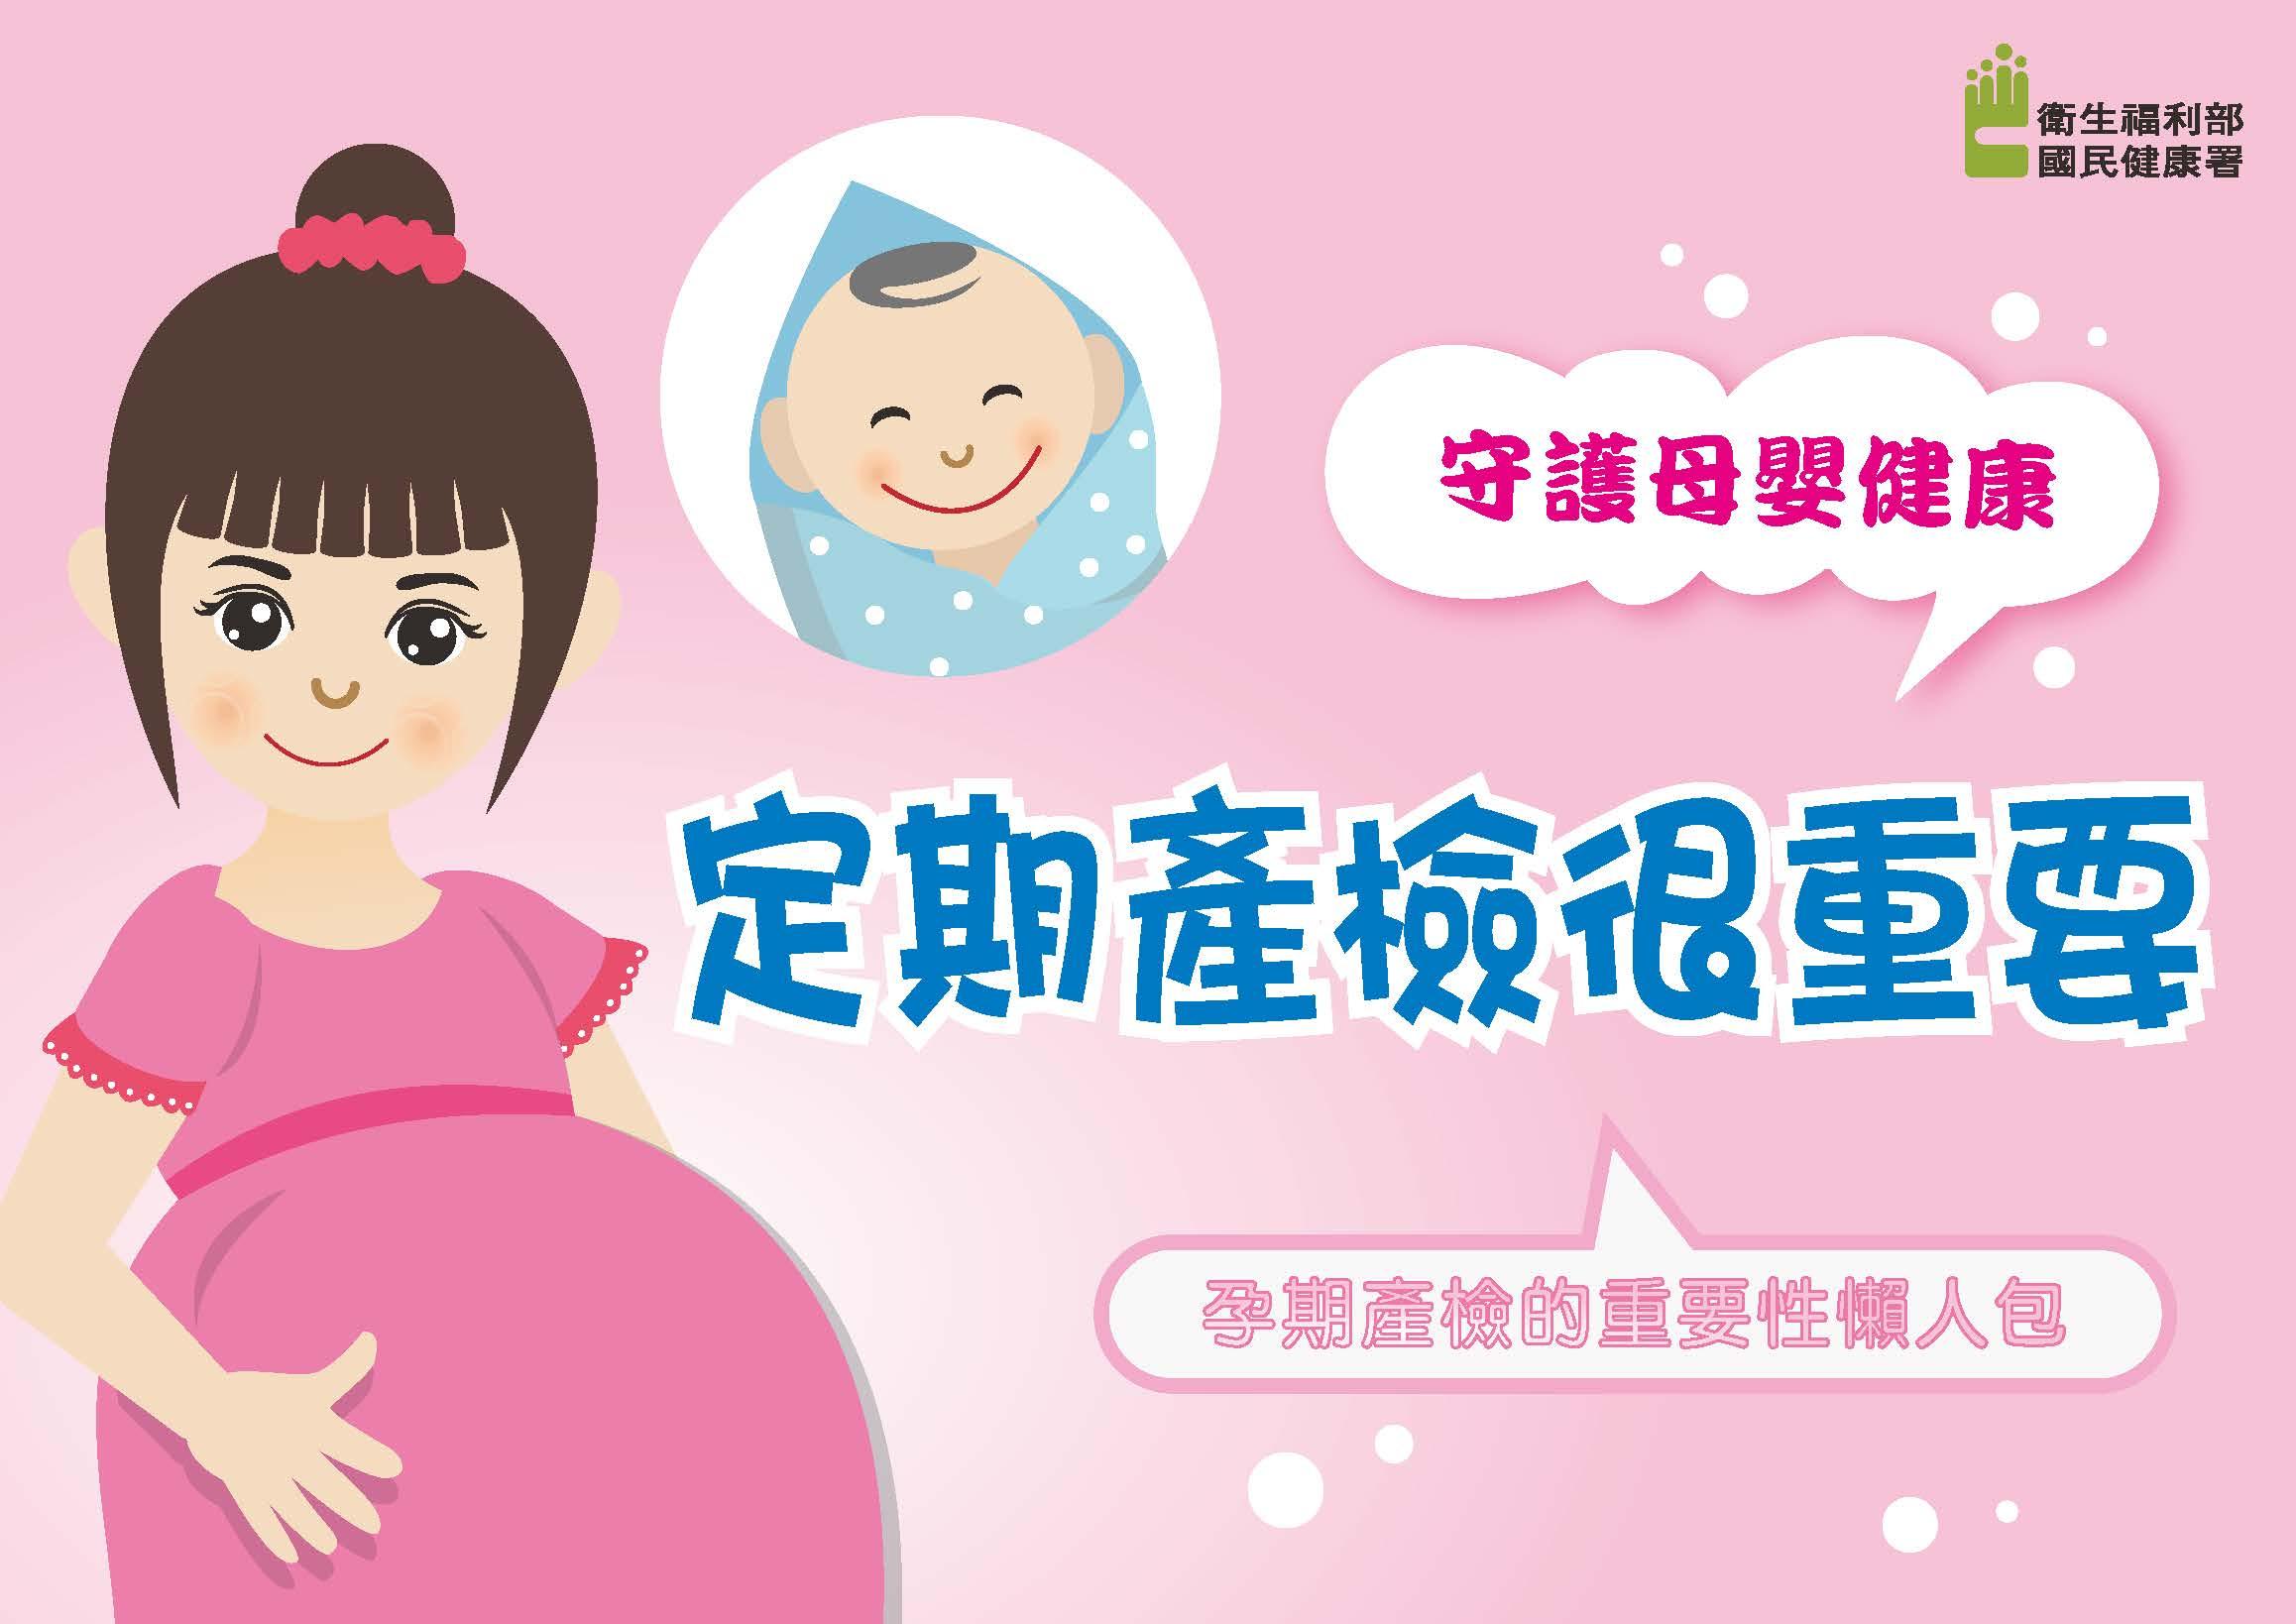 孕期產檢的重要性懶人包